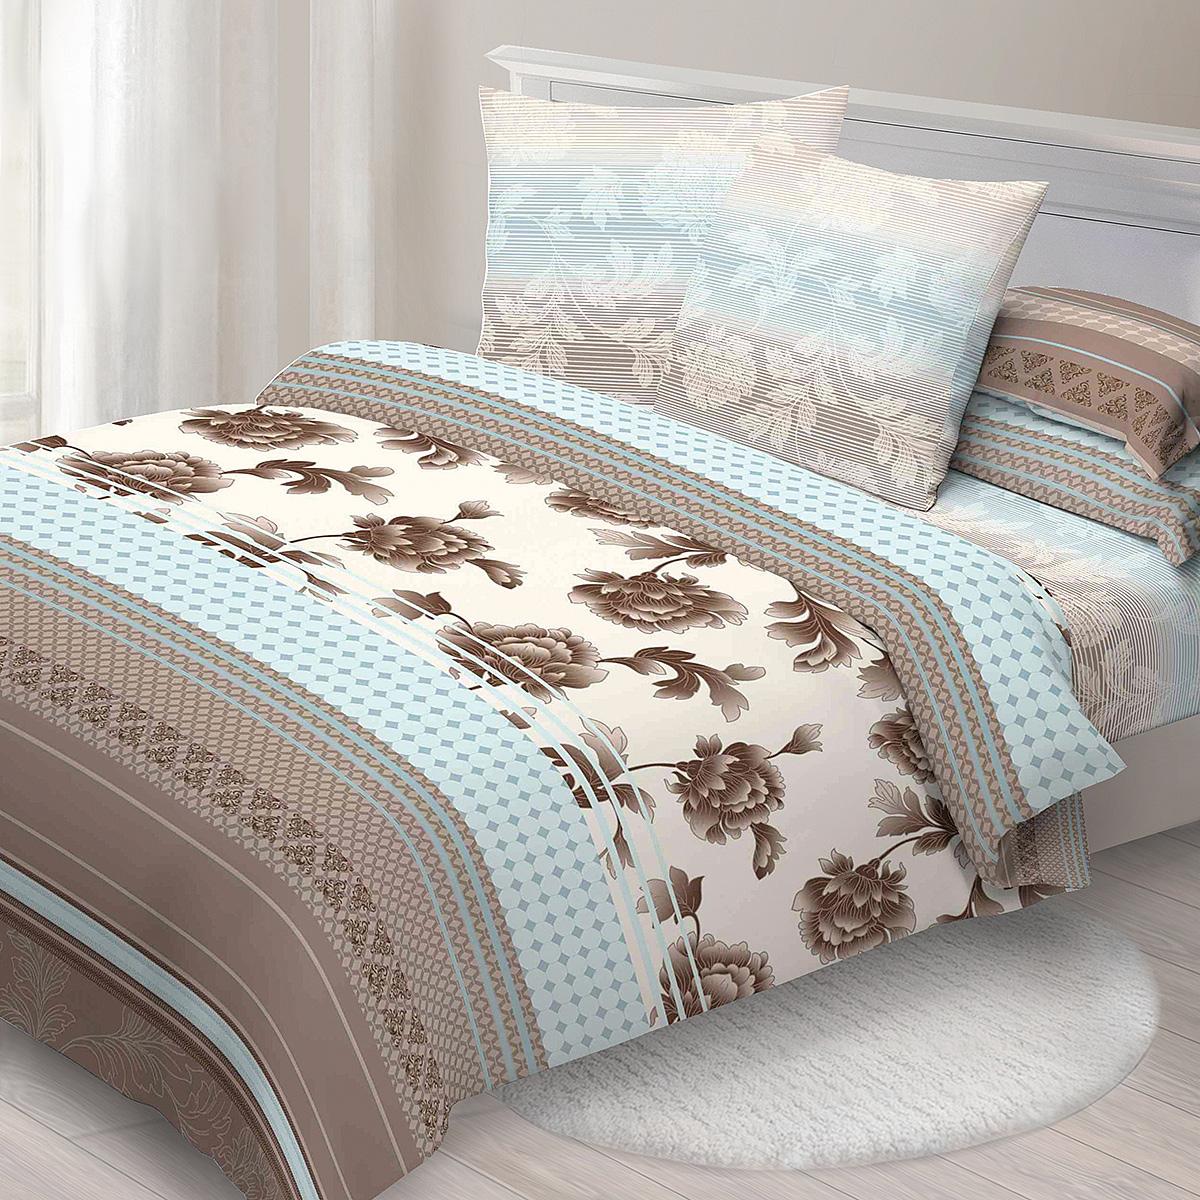 Комплект белья Спал Спалыч Агат, 2-спальное, наволочки 70x70, цвет: голубой88094Спал Спалыч - недорогое, но качественное постельное белье из белорусской бязи. Актуальные дизайны, авторская упаковка в сочетании с качественными материалами и приемлемой ценой - залог успеха Спал Спалыча!В ассортименте широкая линейка домашнего текстиля для всей семьи - современные дизайны современному покупателю! Ткань обработана по технологии PERFECT WAY - благодаря чему, она становится более гладкой и шелковистой.• Бязь Барановичи 100% хлопок• Плотность ткани - 125 гр/кв.м.